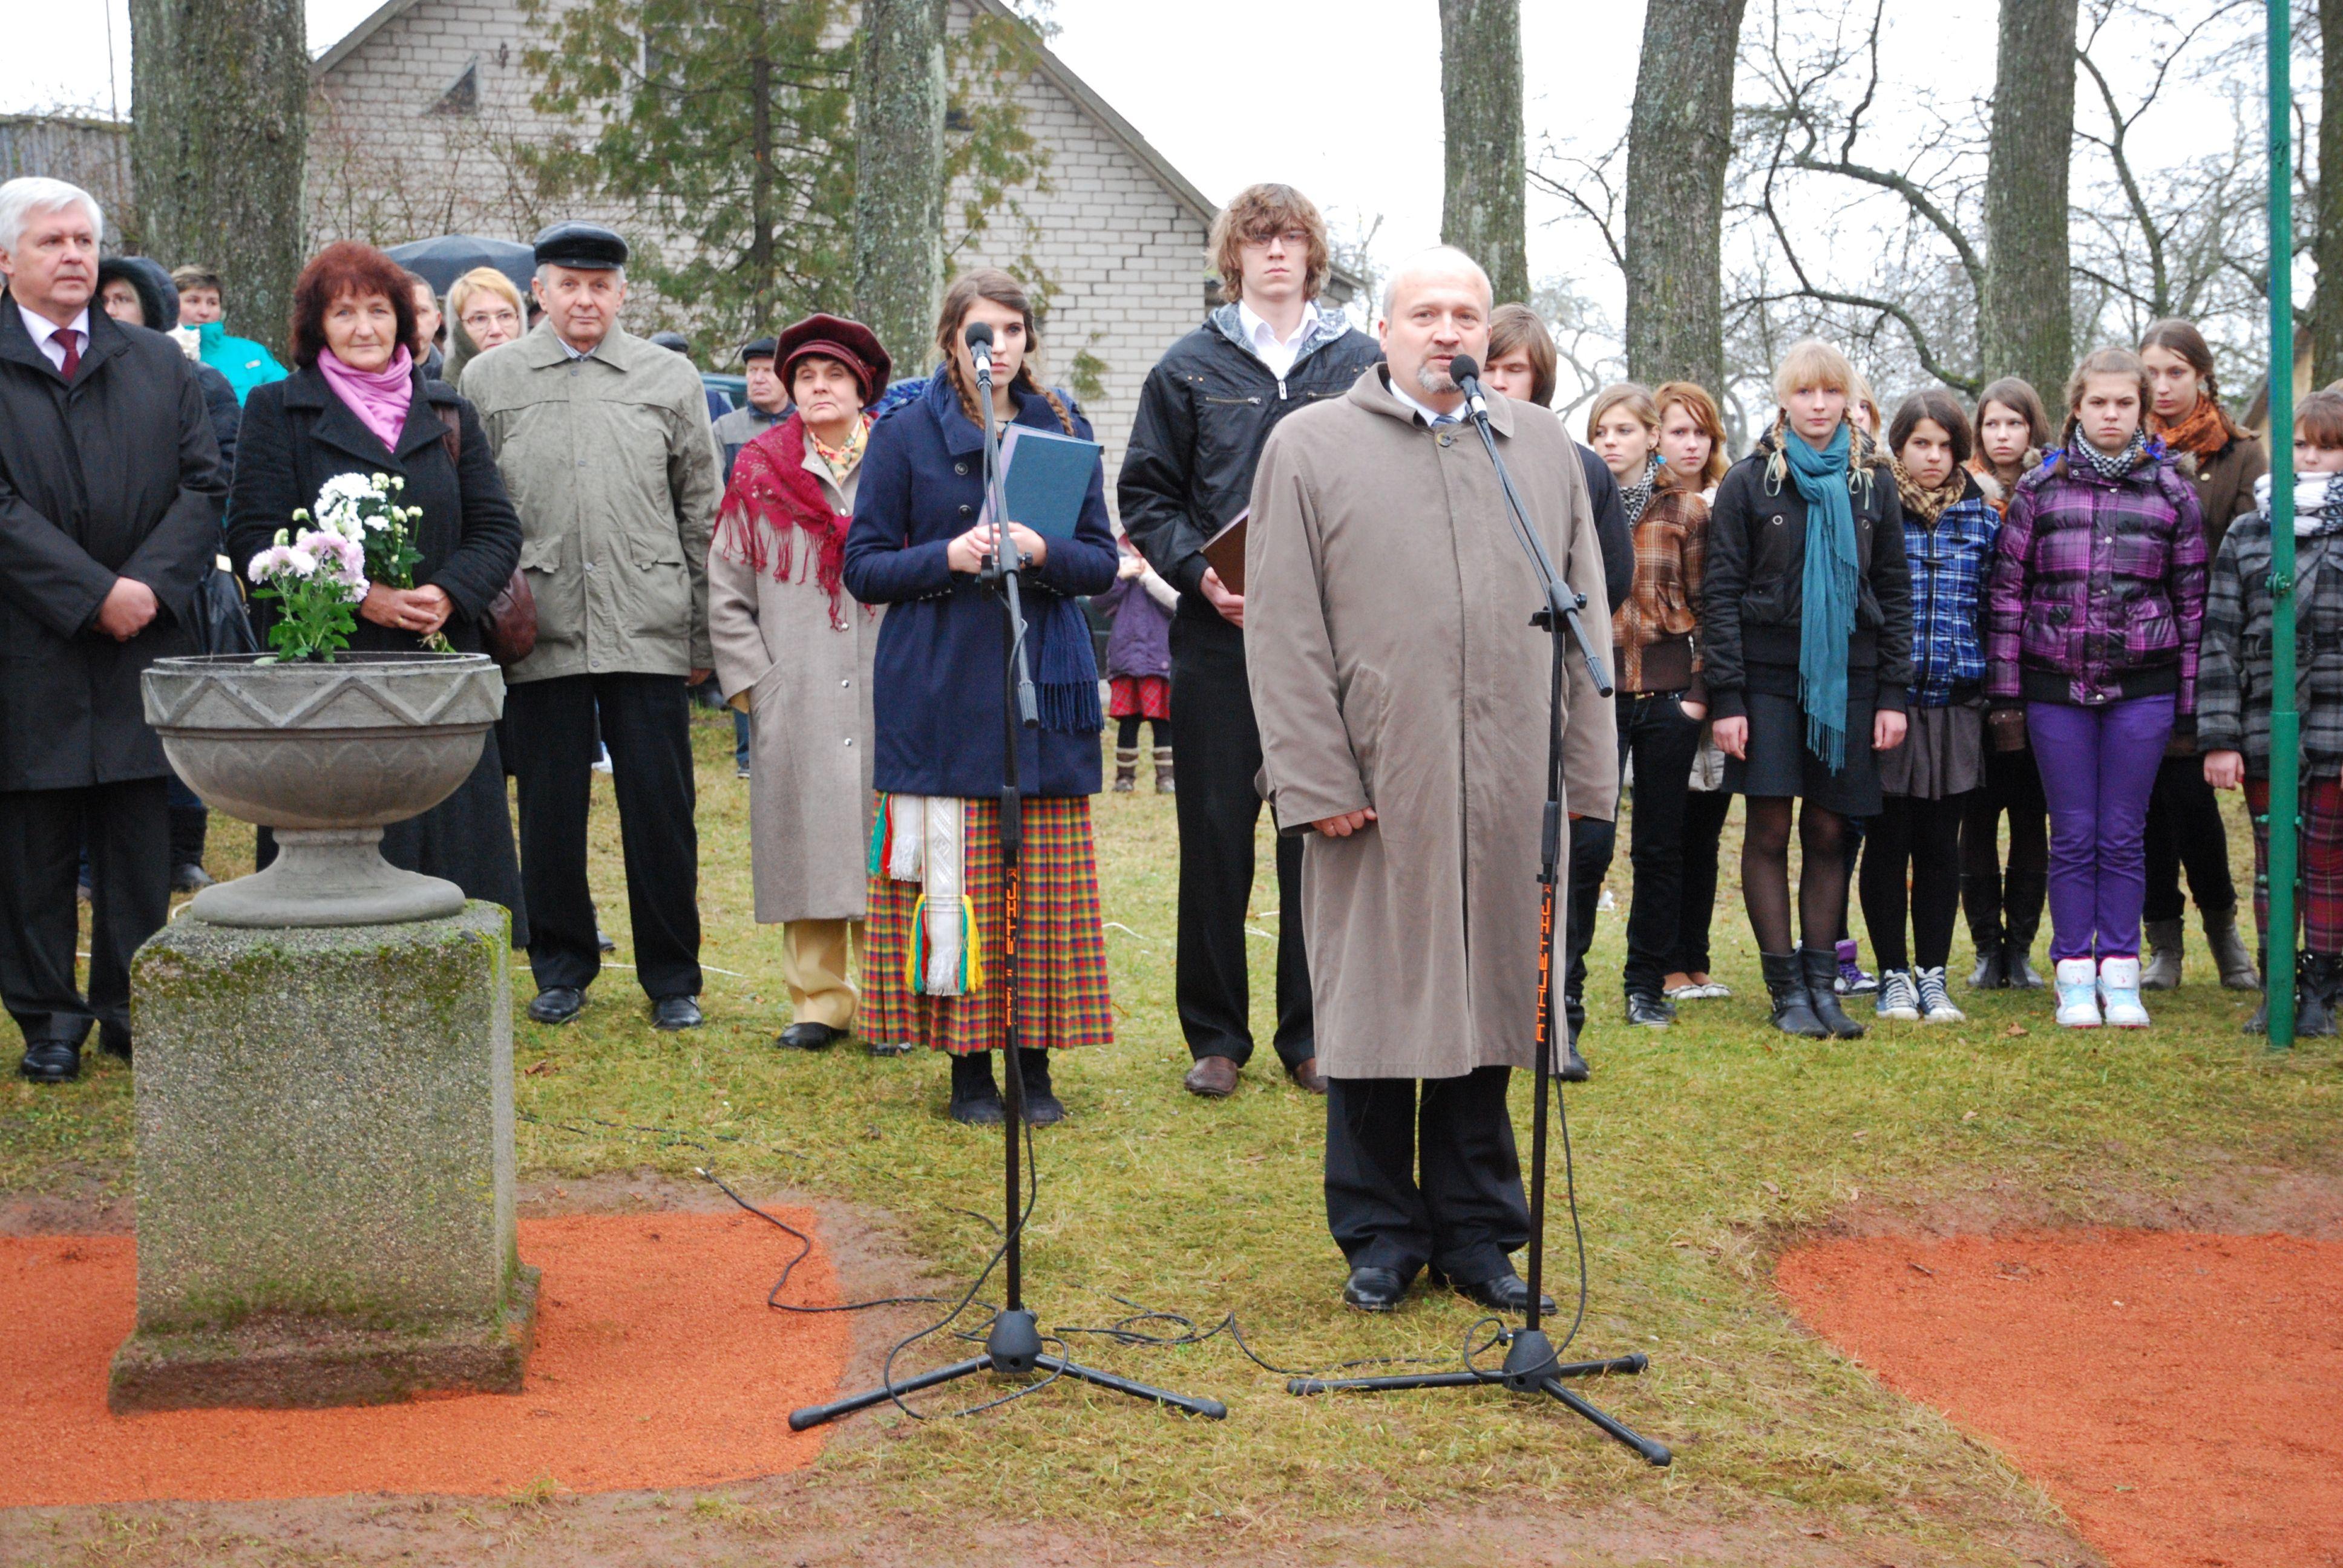 Giedraičiuose, prie Devintojo pėstininkų pulko paminklo, Seimo narys G.Songaila pabrėžė istorinės atminties svarbą ir plietiškumo, patriotizmo tradicijų tęstinumą. S.Nemeikaitės nuotr.